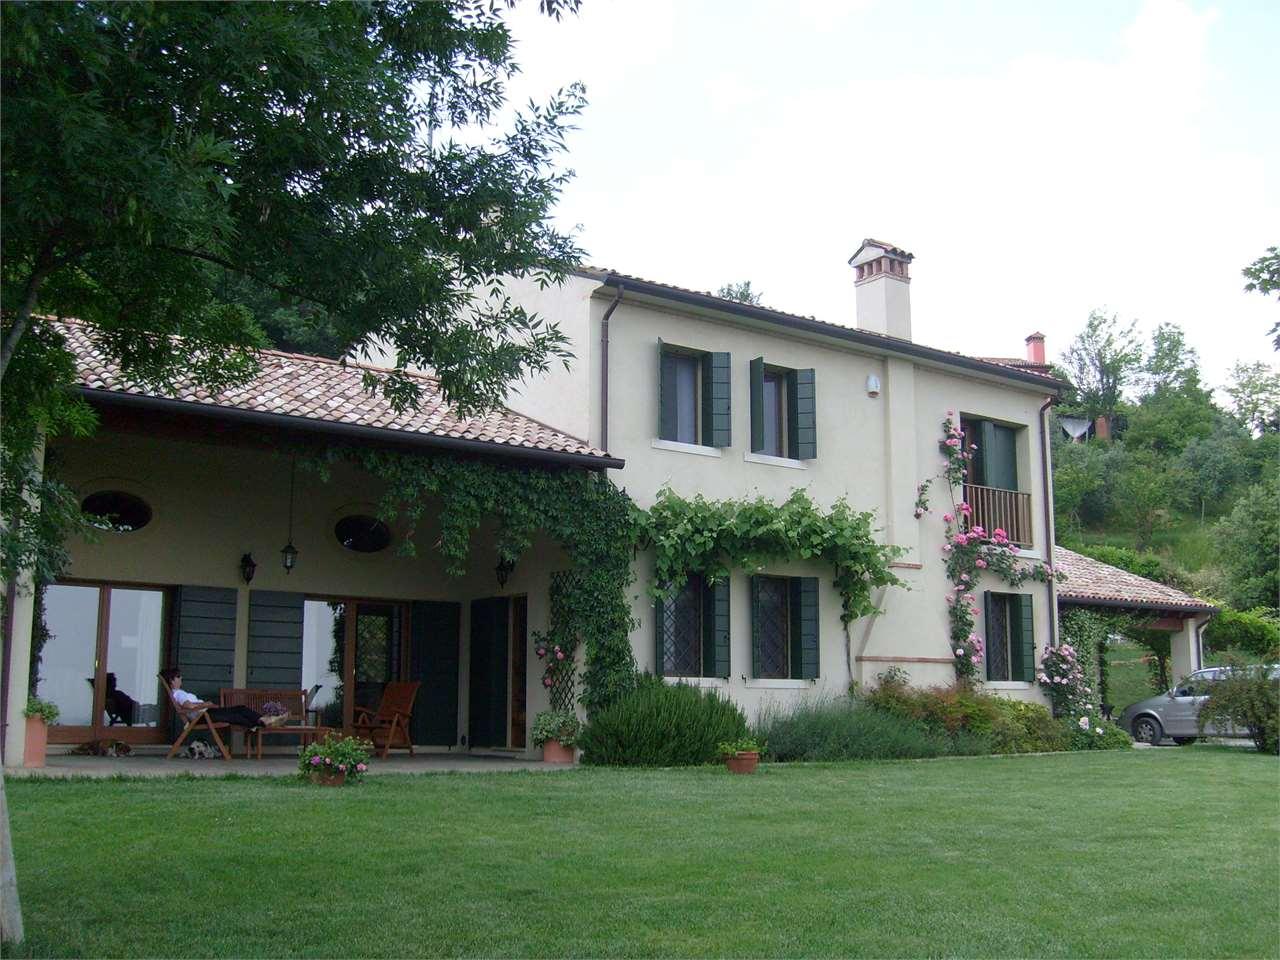 Villa in vendita a San Pietro di Feletto, 9999 locali, zona Zona: Rua, Trattative riservate | Cambio Casa.it